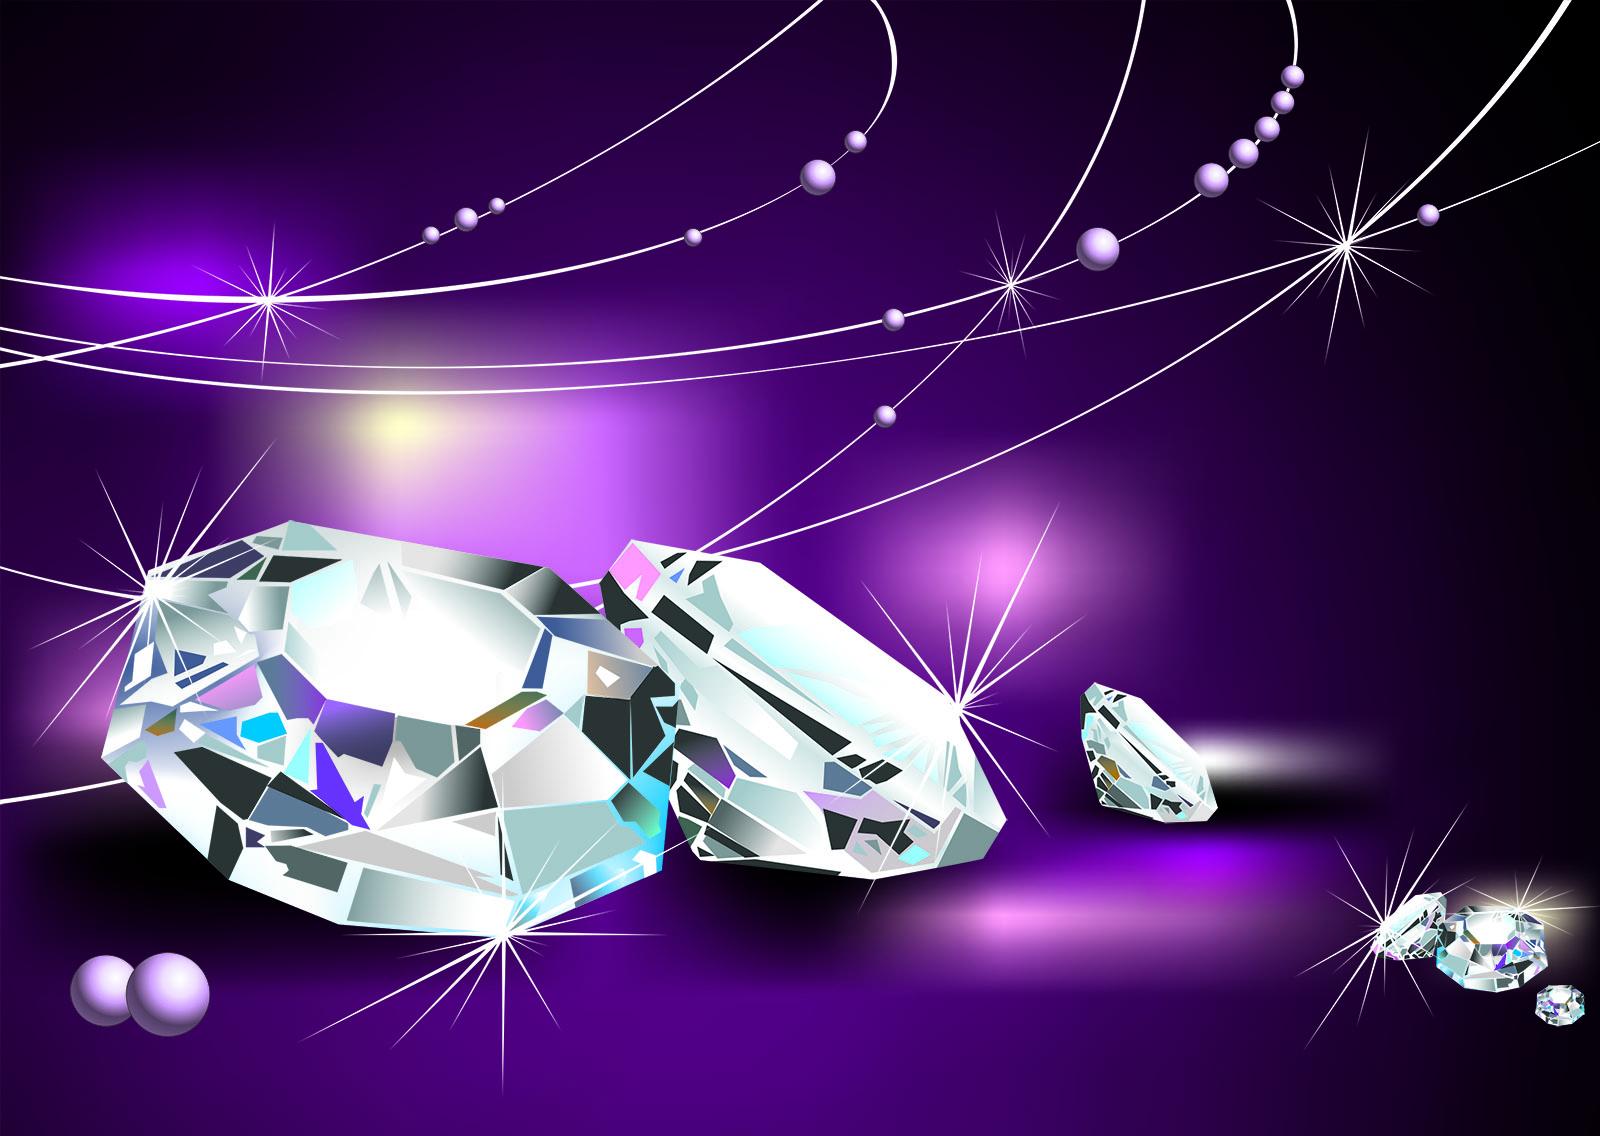 картинка бриллианты в движении странный, пронизанный мистикой